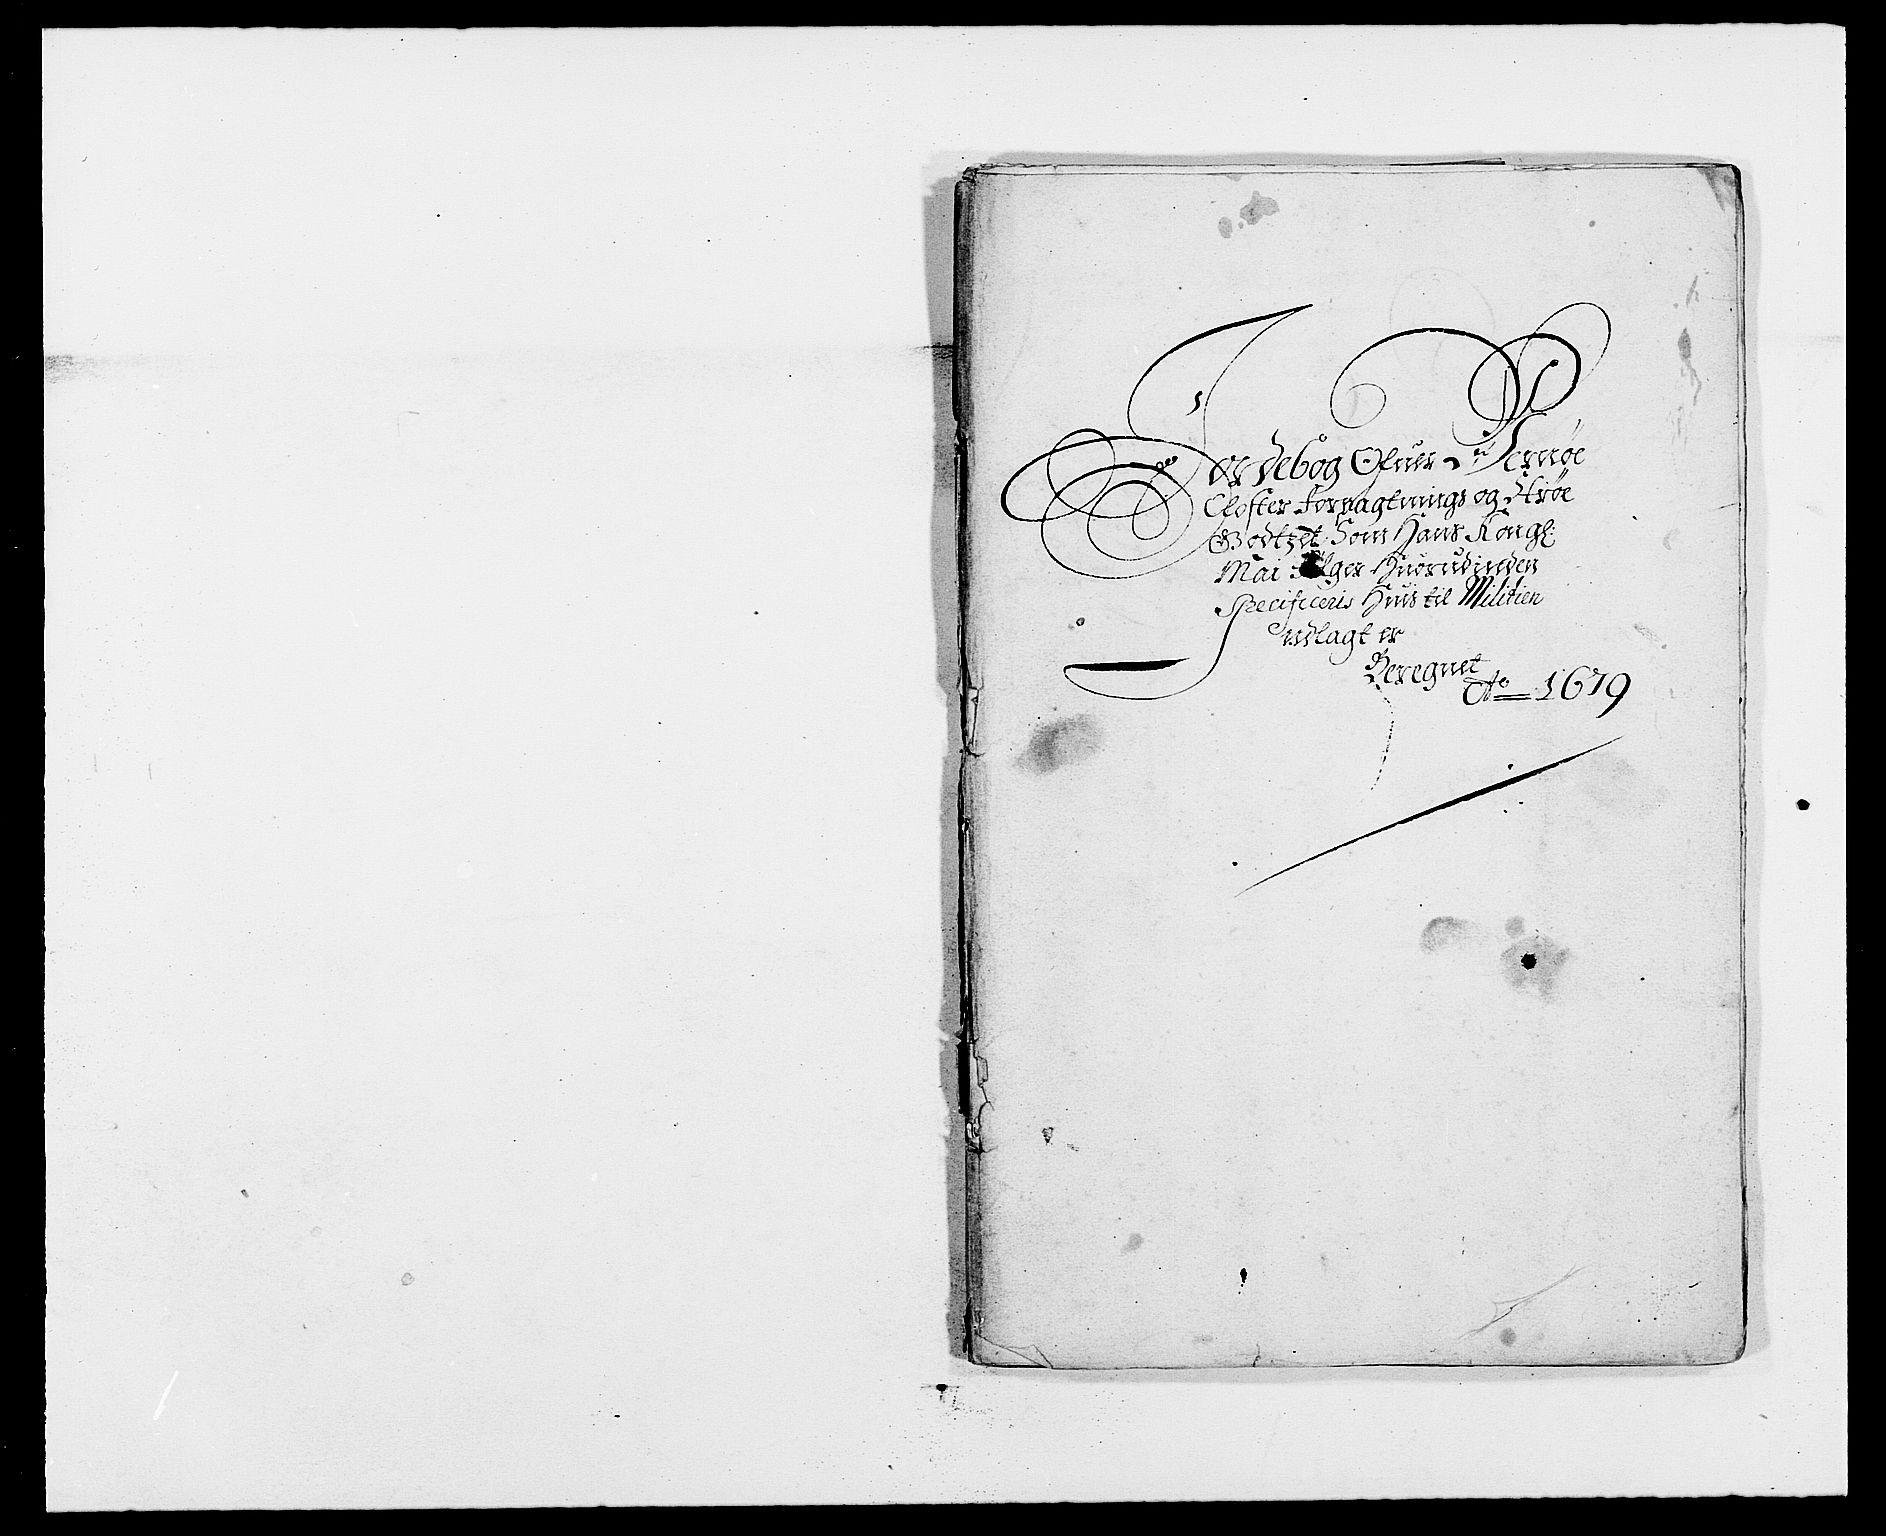 RA, Rentekammeret inntil 1814, Reviderte regnskaper, Fogderegnskap, R02/L0100: Fogderegnskap Moss og Verne kloster, 1679, s. 88